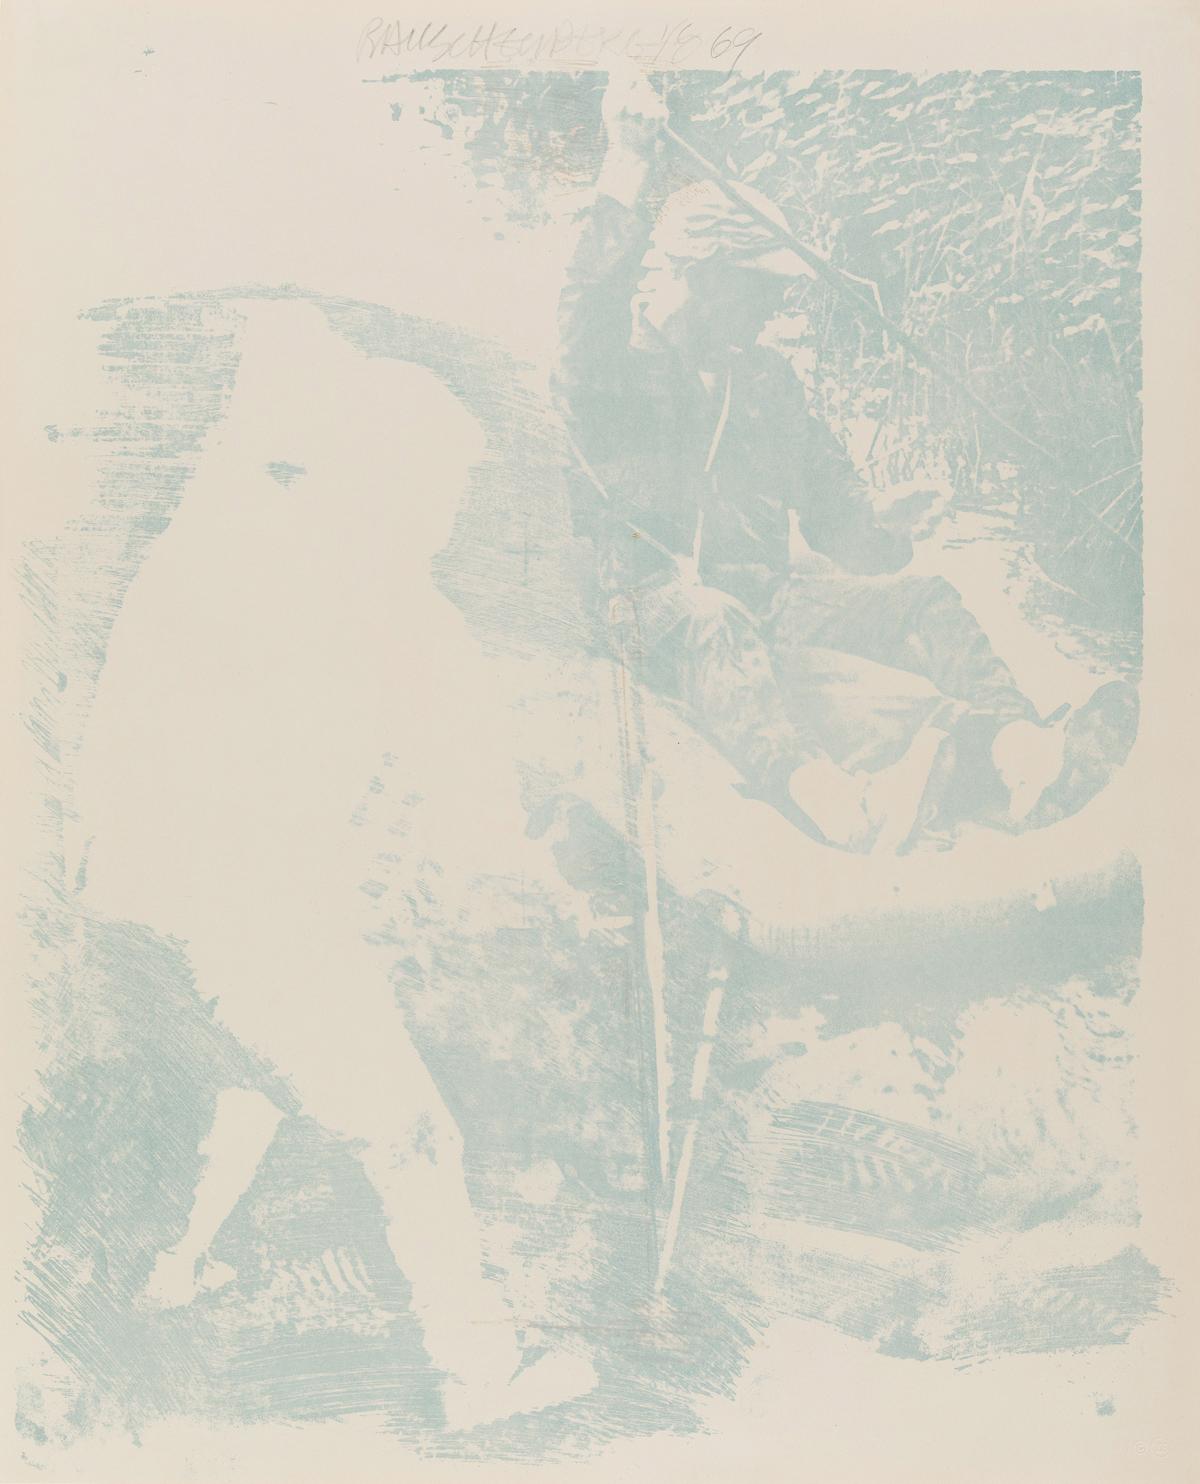 ROBERT RAUSCHENBERG Tilt.